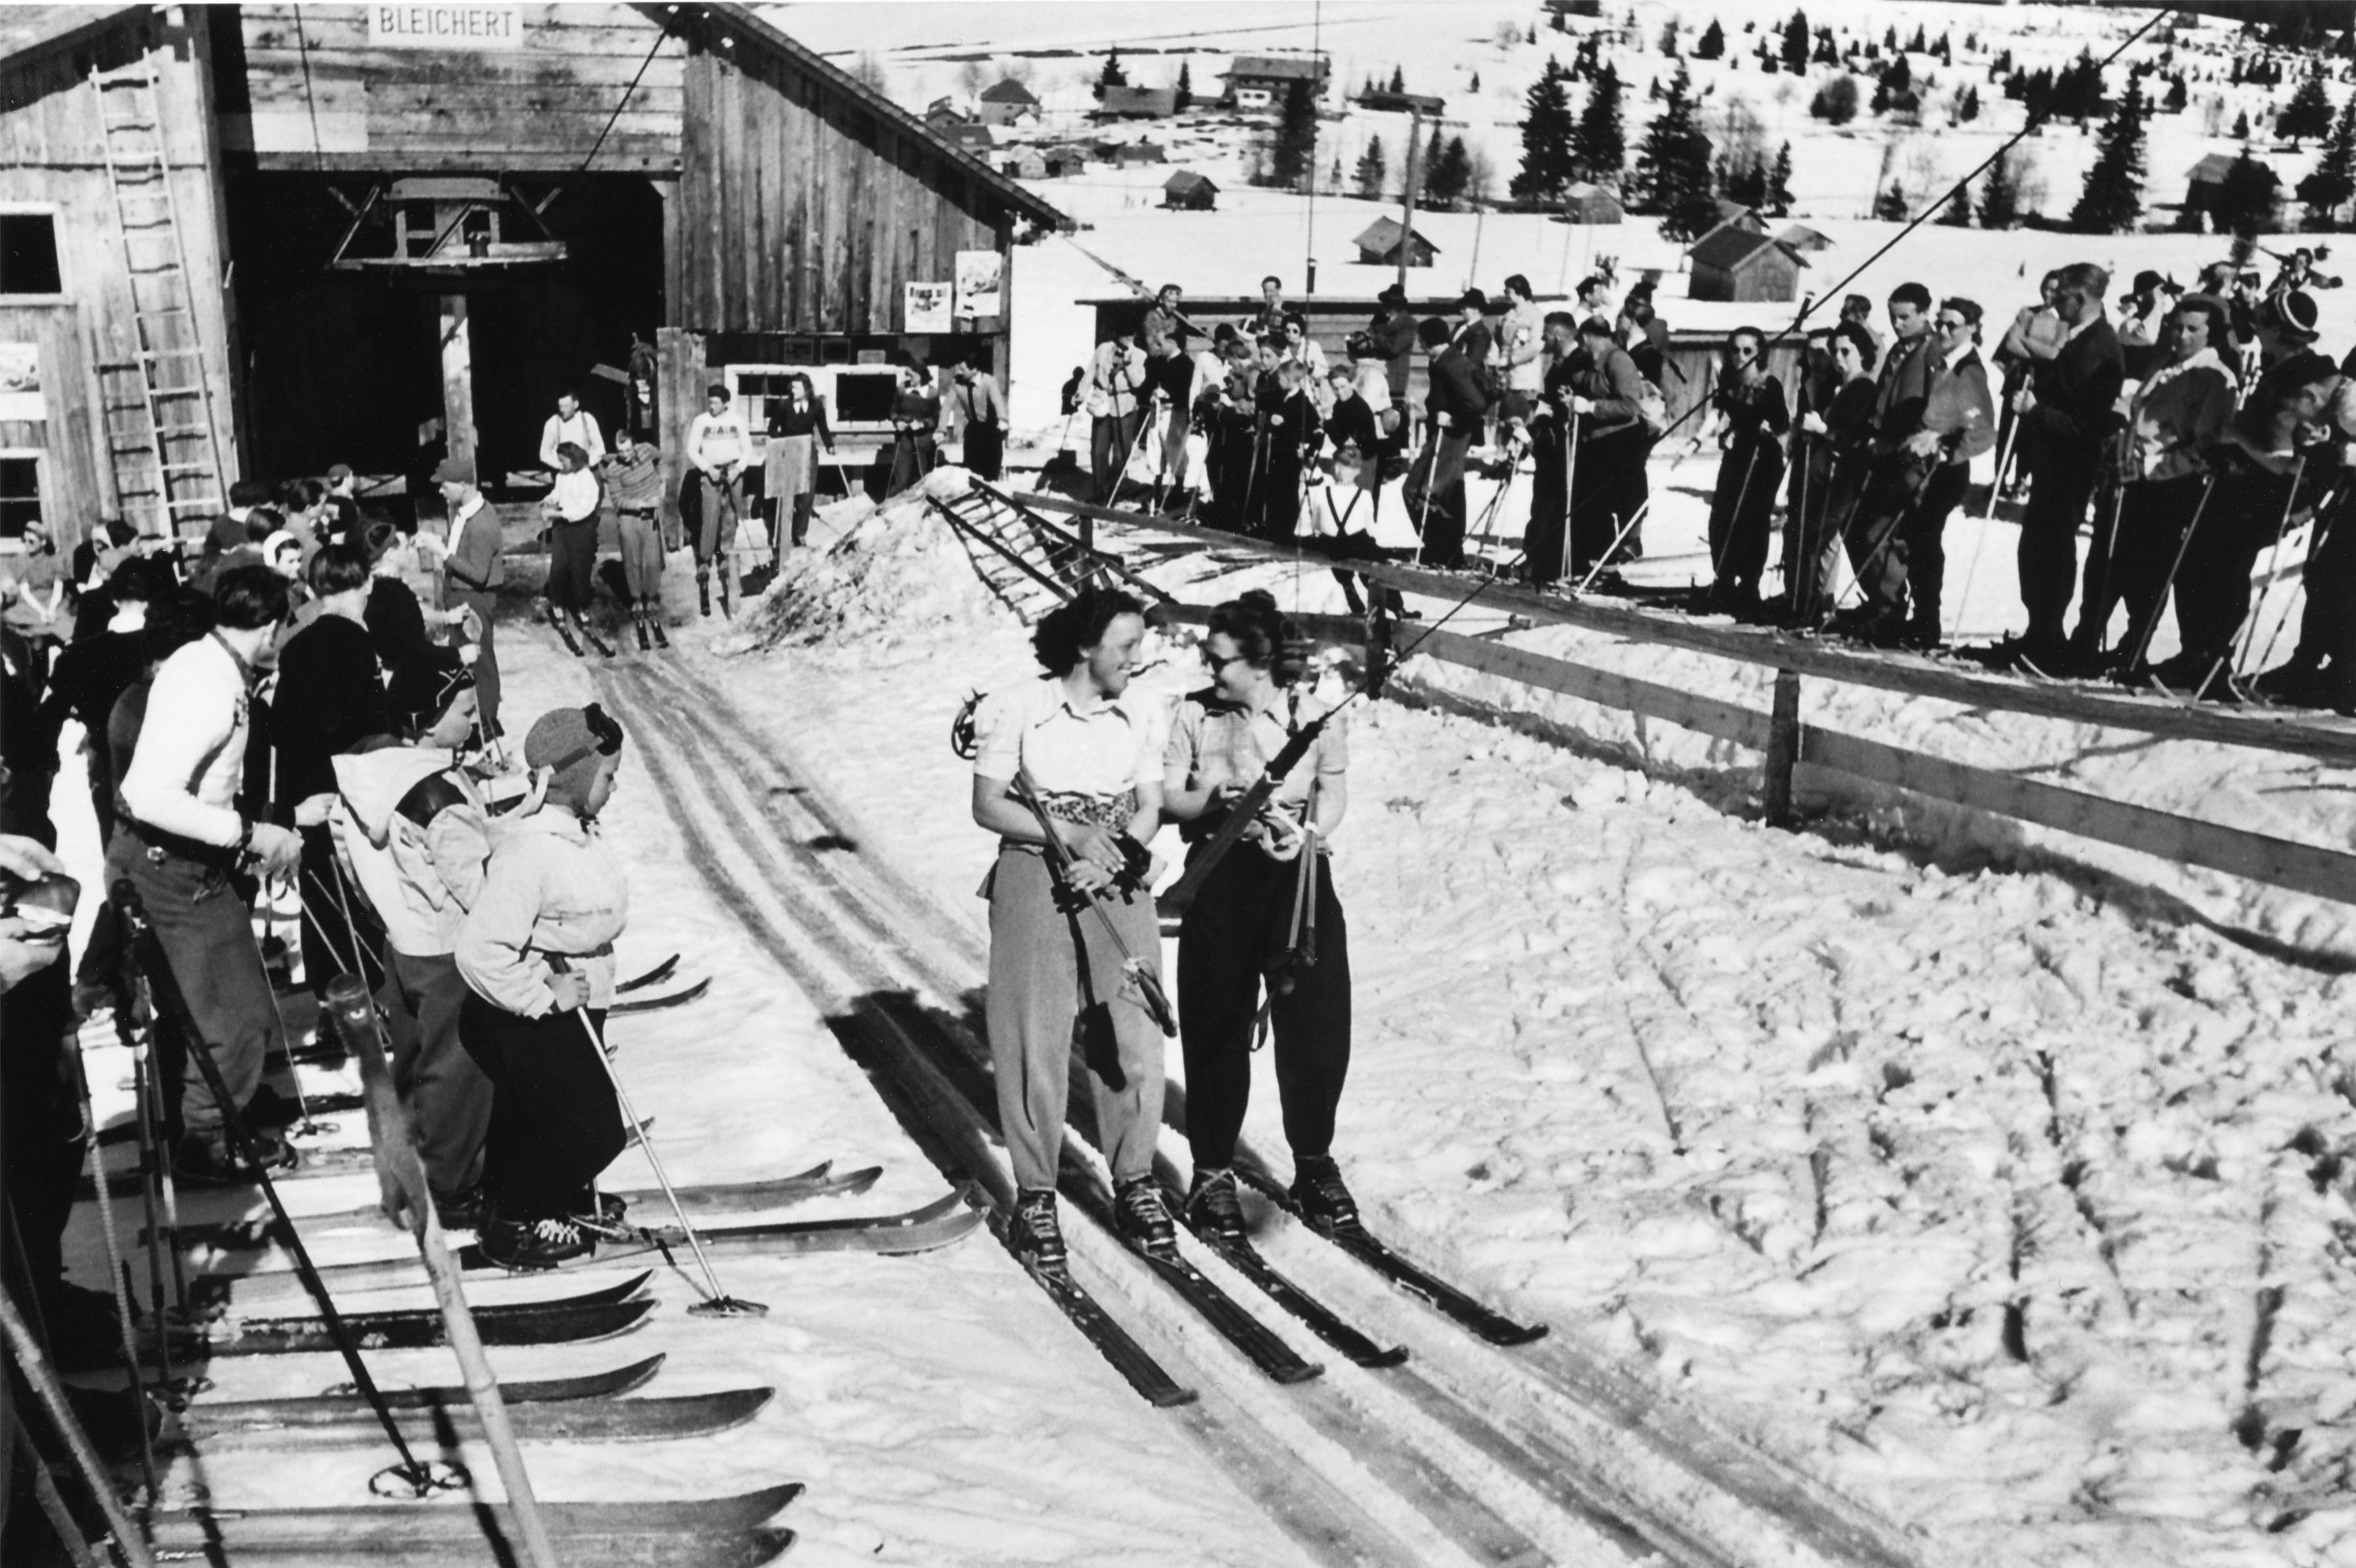 """75 Jahre Skigeschichte: Seit dem Bau und der Inbetriebnahme des Schlepplifts am Iseler im Winter 1942/1943 gilt das Skigebiet Oberjoch als eine """"Wiege des deutschen Skisports"""". Der erste Schlepplift in Oberjoch hatte 26 Bügel und einen 20 PS starken Elektromotor.  Foto: Skigebiet Oberjoch"""